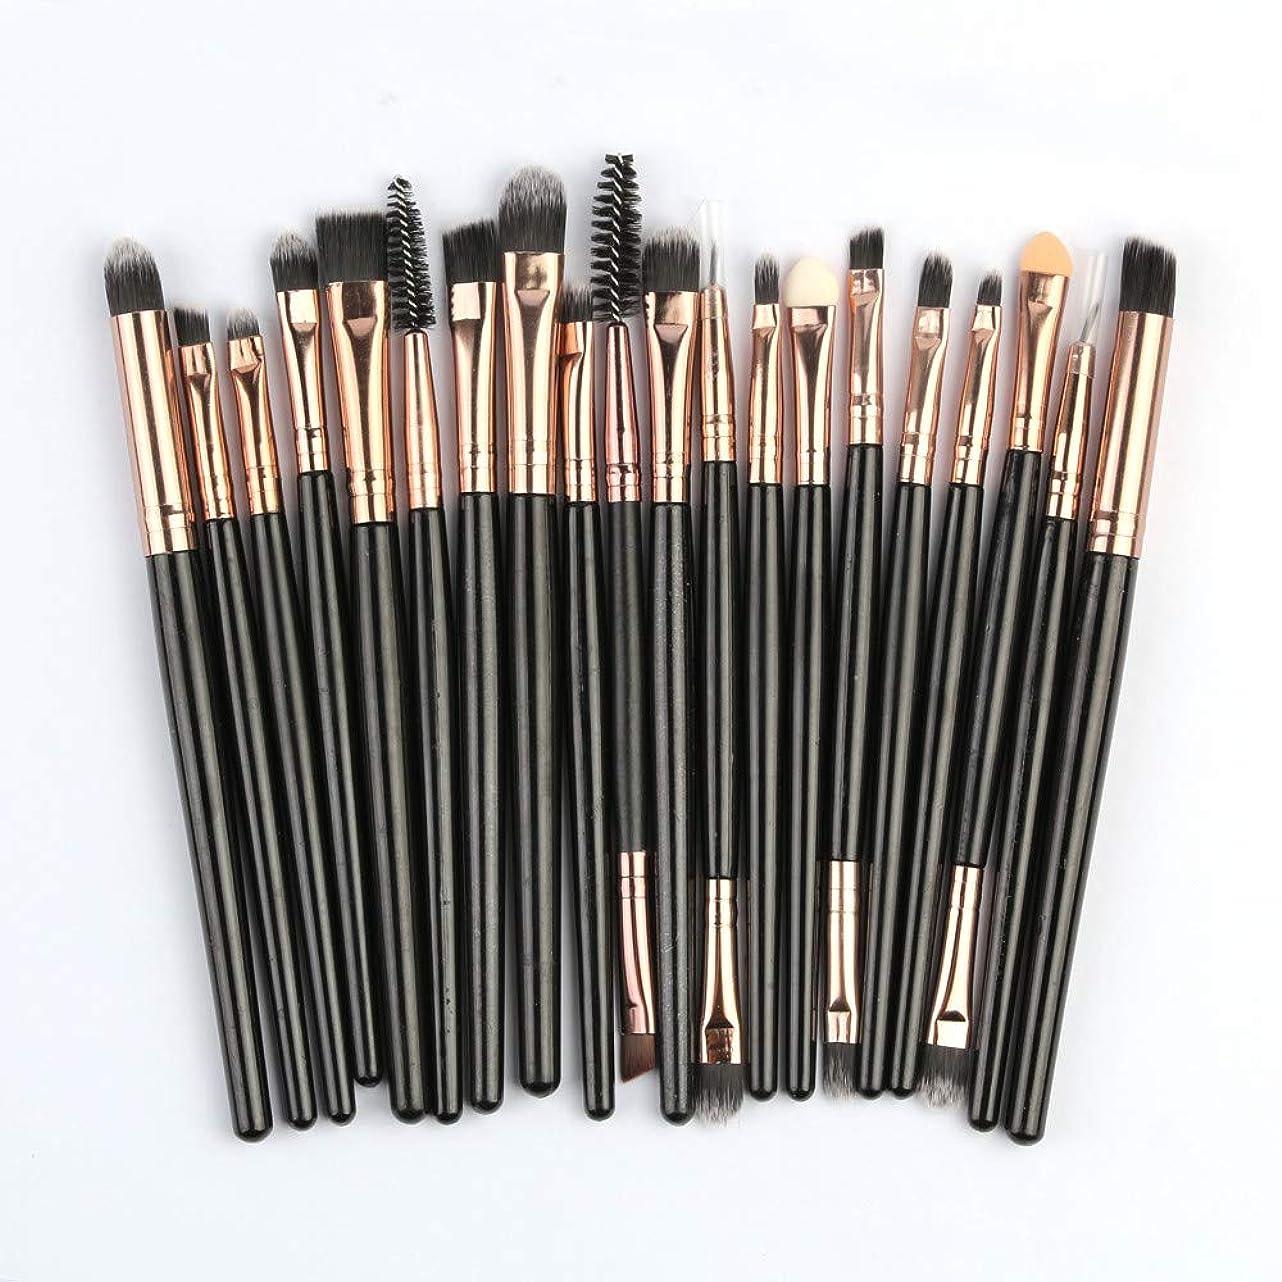 協会宇宙船熟したAkane 20本 MAANGE 木製 人気 優雅 上等な使用感 激安 日常 仕事 多機能 たっぷり 自然 おしゃれ 柔らかい 簡単使い Makeup Brush メイクアップブラシ N-HK20